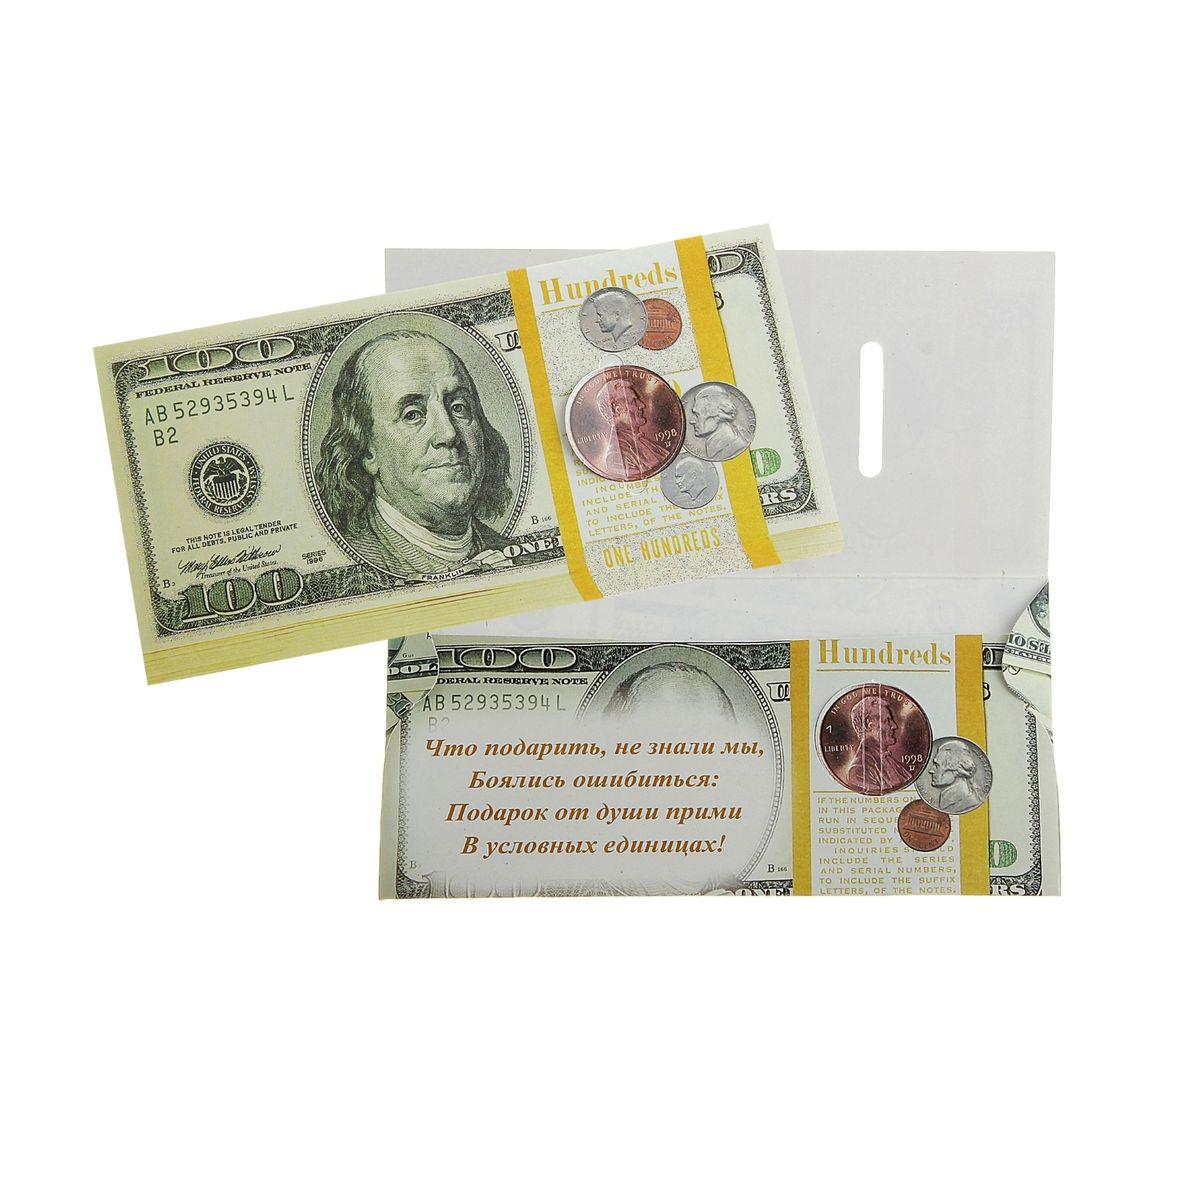 Конверт для денег Sima-land 100 долларов. 778394BAO.15Конверт для денег Sima-land 100 долларов изготовлен из картона и украшен яркой картинкой с изображением долларов. Это необычная красивая одежка для денежного подарка, а так же отличная возможность сделать его более праздничным и создать прекрасное настроение!